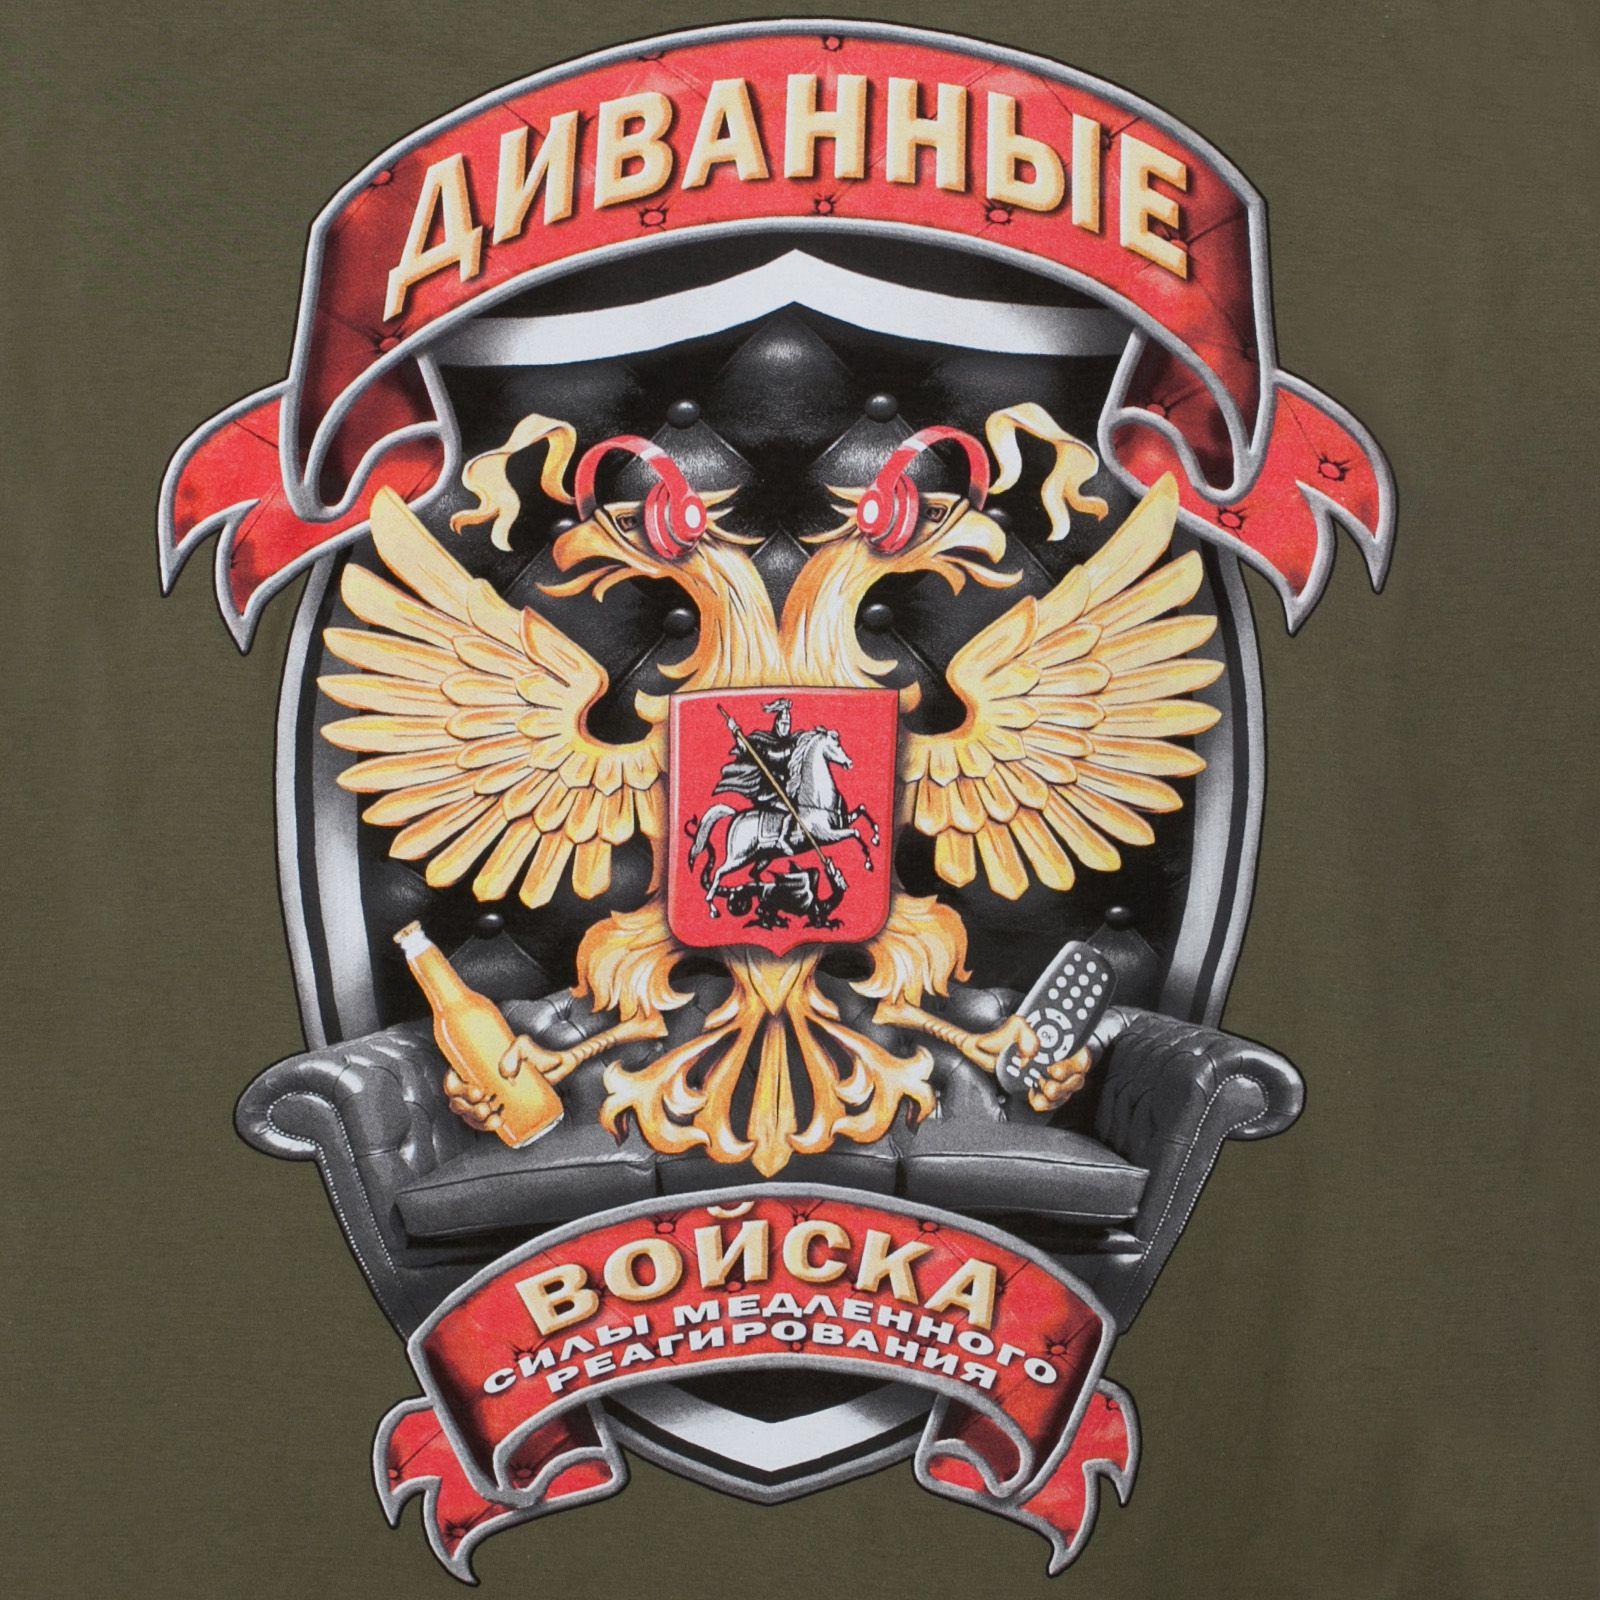 Футболка Диванных войск - оригинальный принт